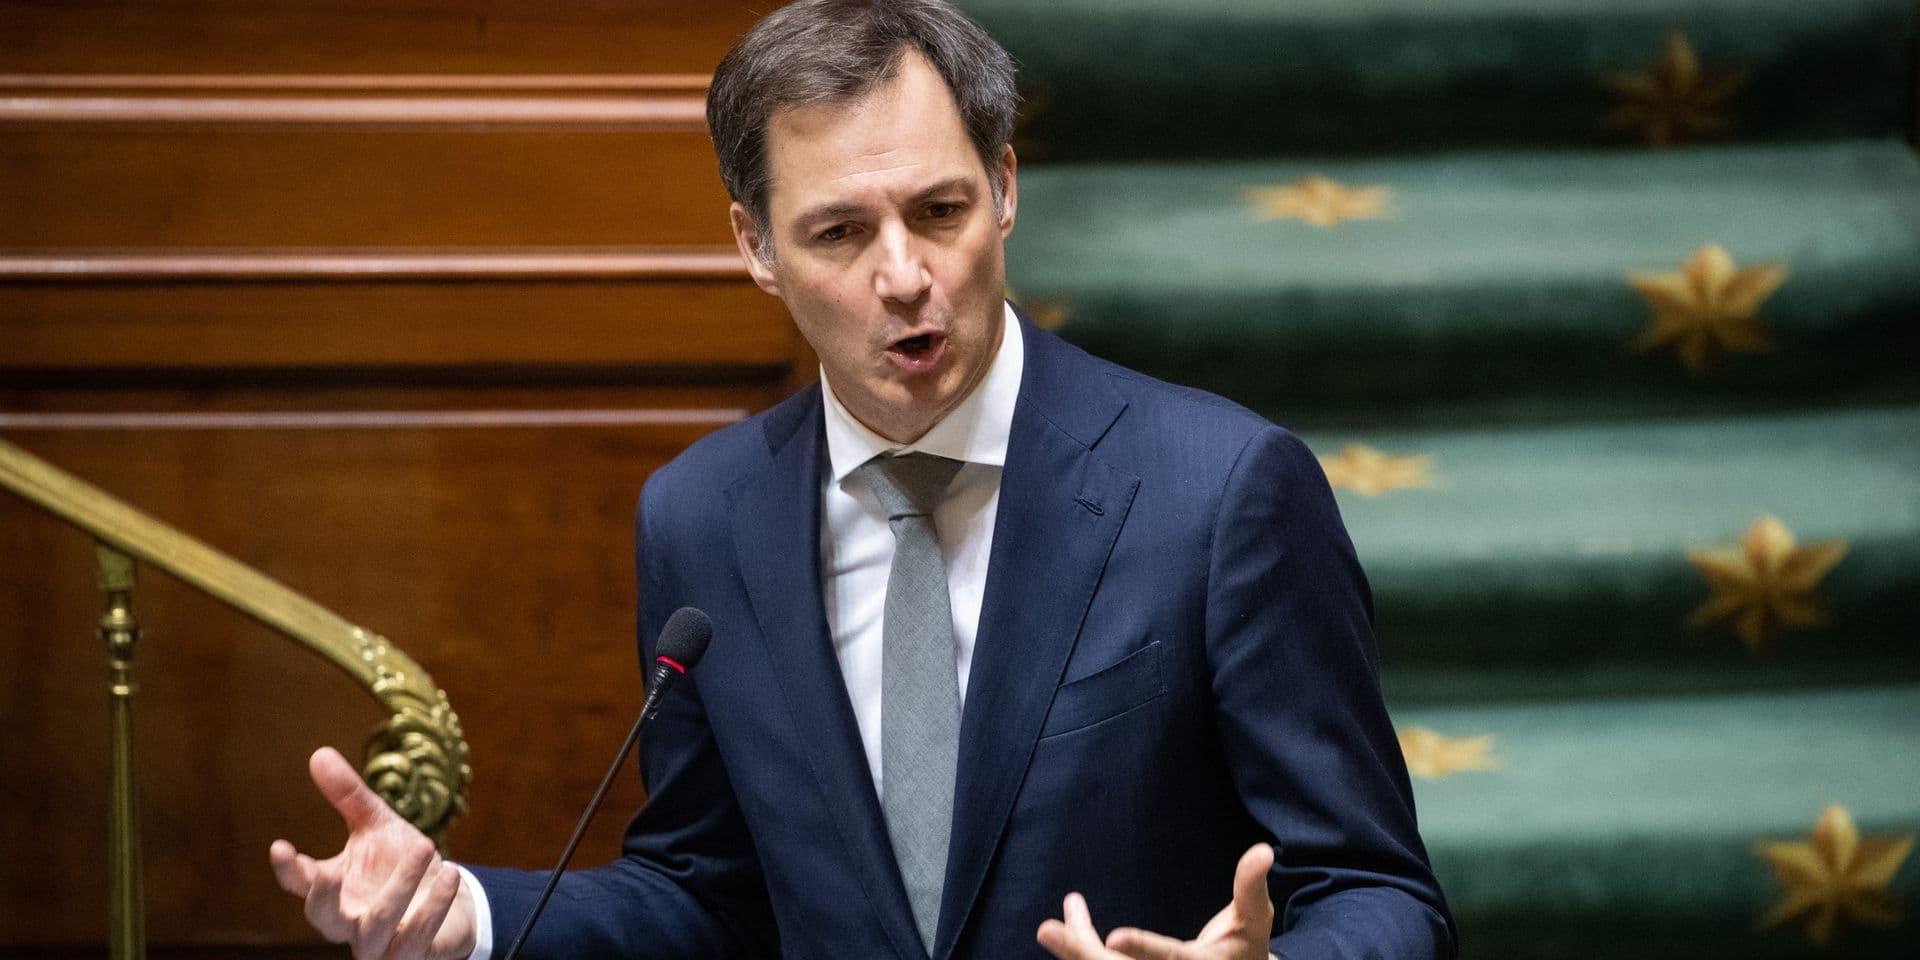 """""""Alors que nous traversons la pire crise économique depuis la Seconde Guerre mondiale, il est inconcevable de ne pas parvenir à un accord"""", soulignait le Premier ministre devant la Chambre."""